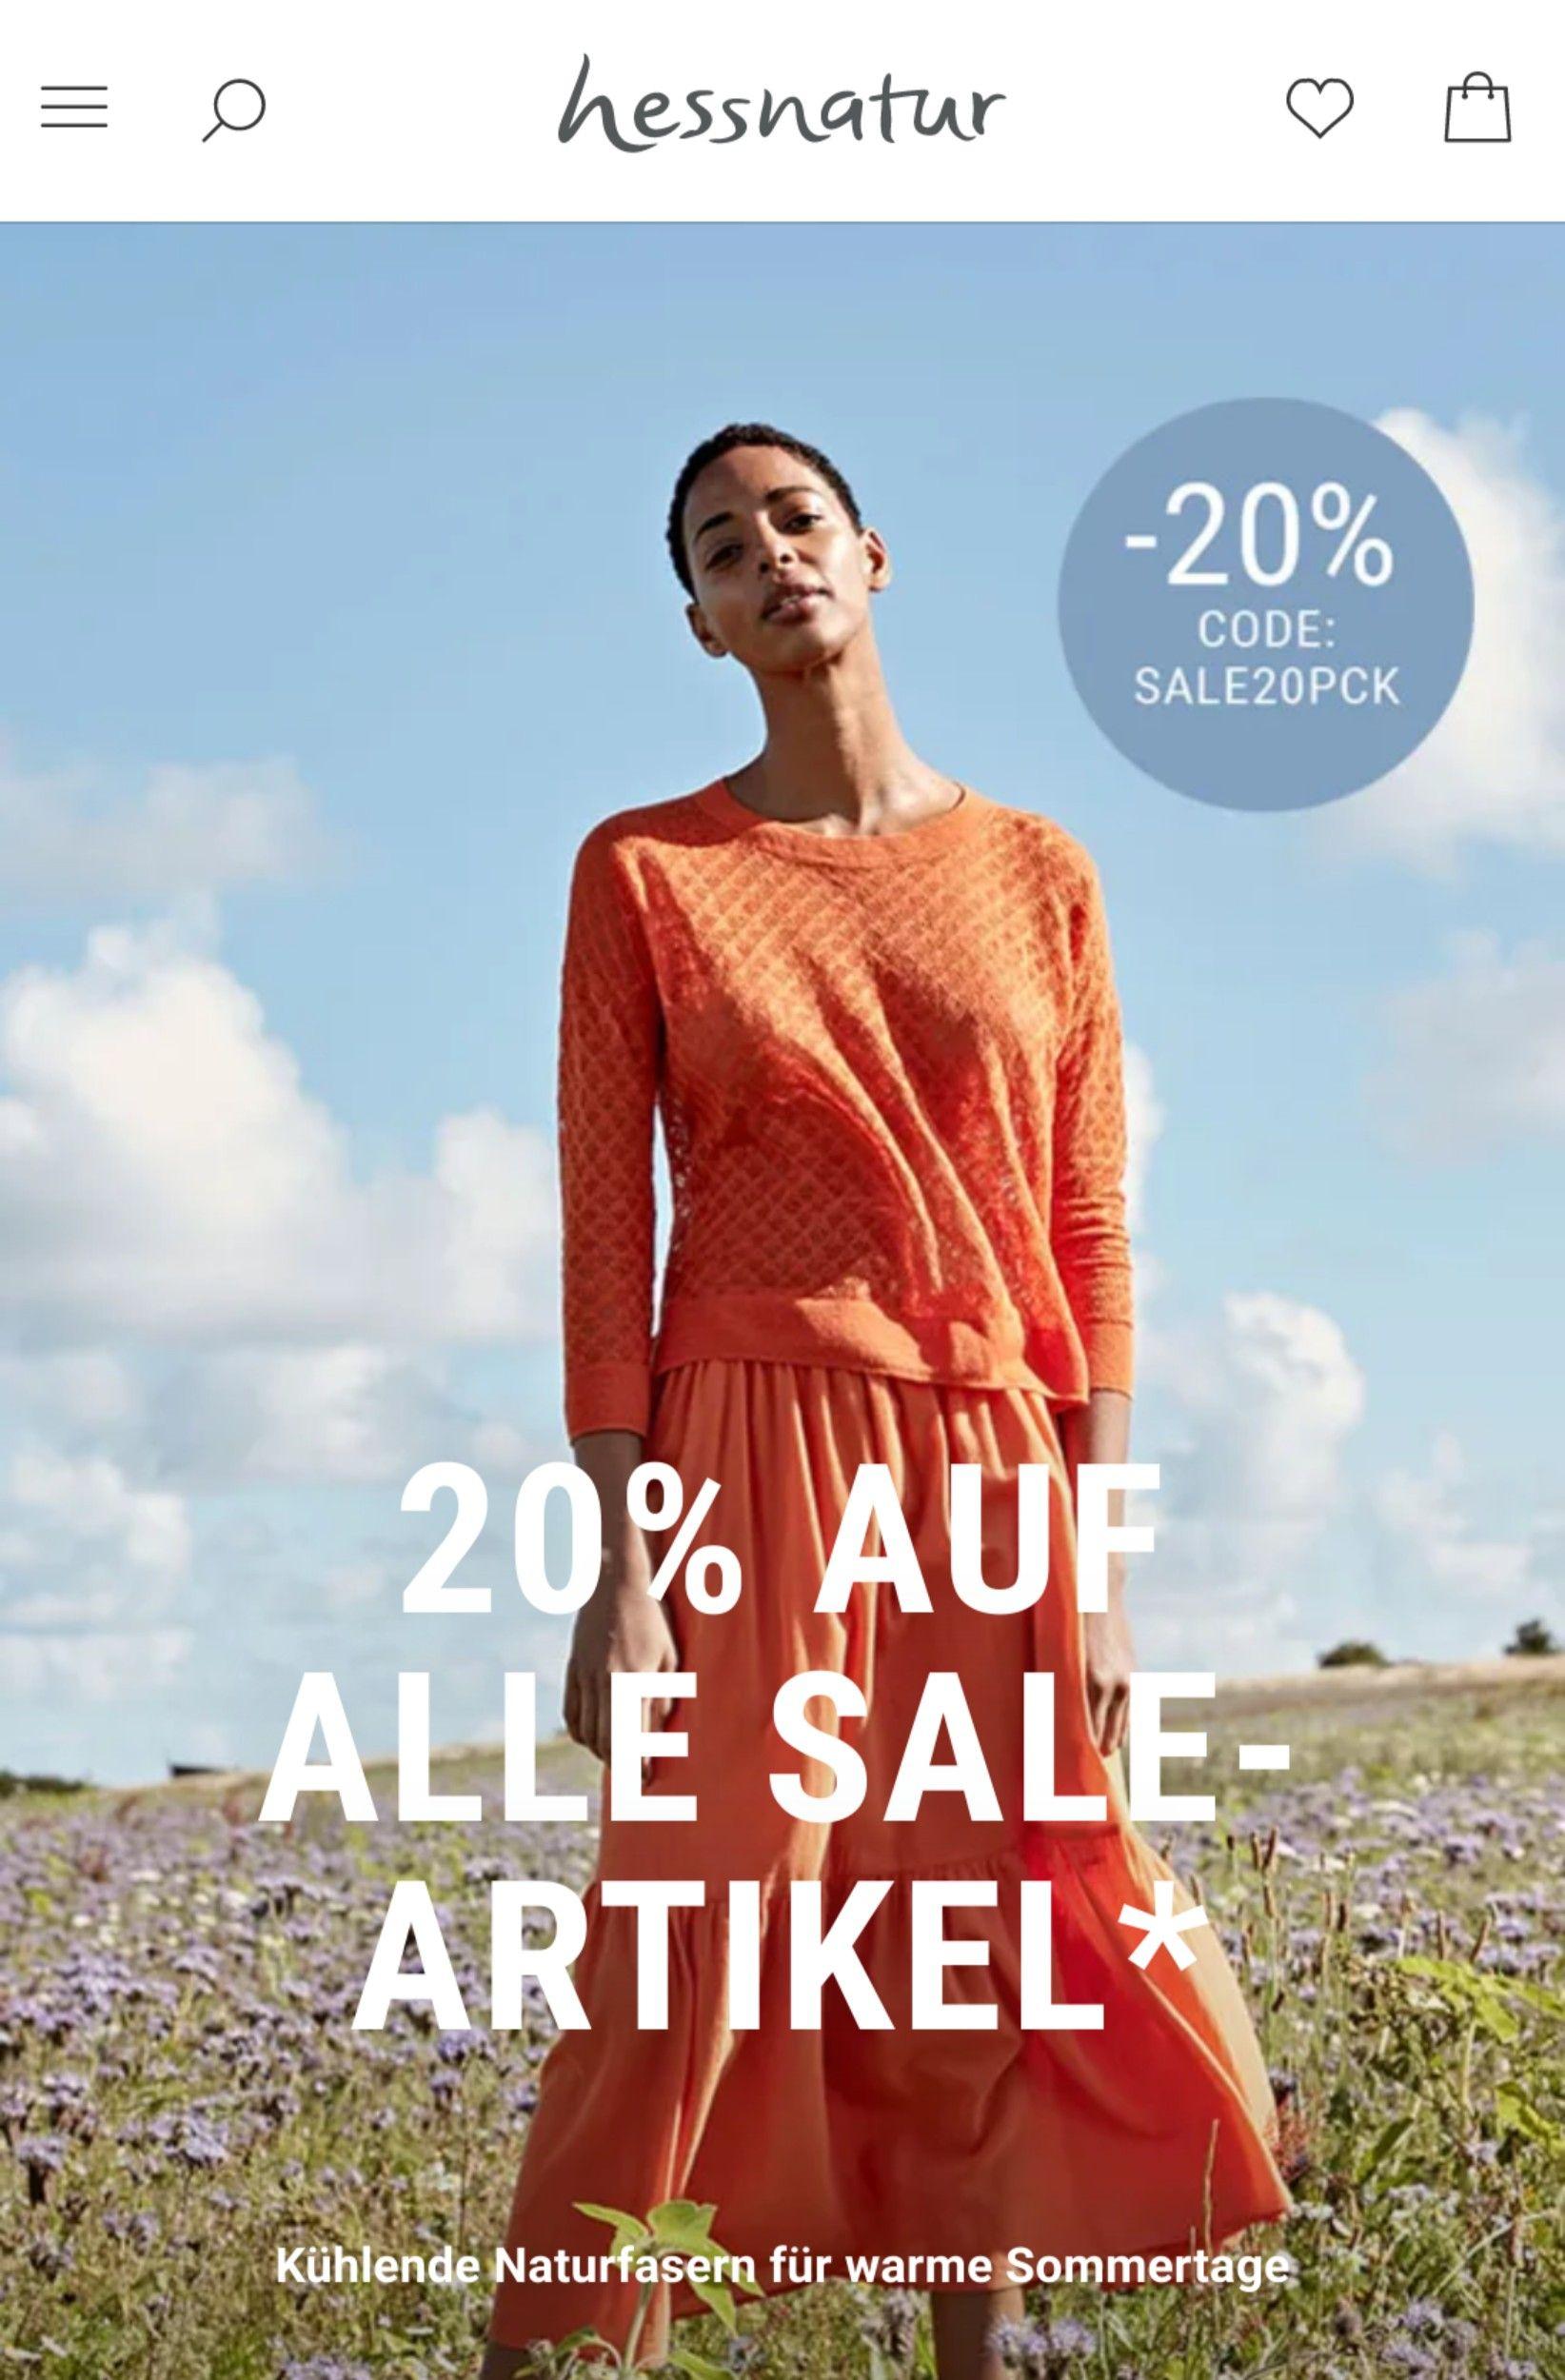 Hessnatur 30% extra auf Sale-Artikel